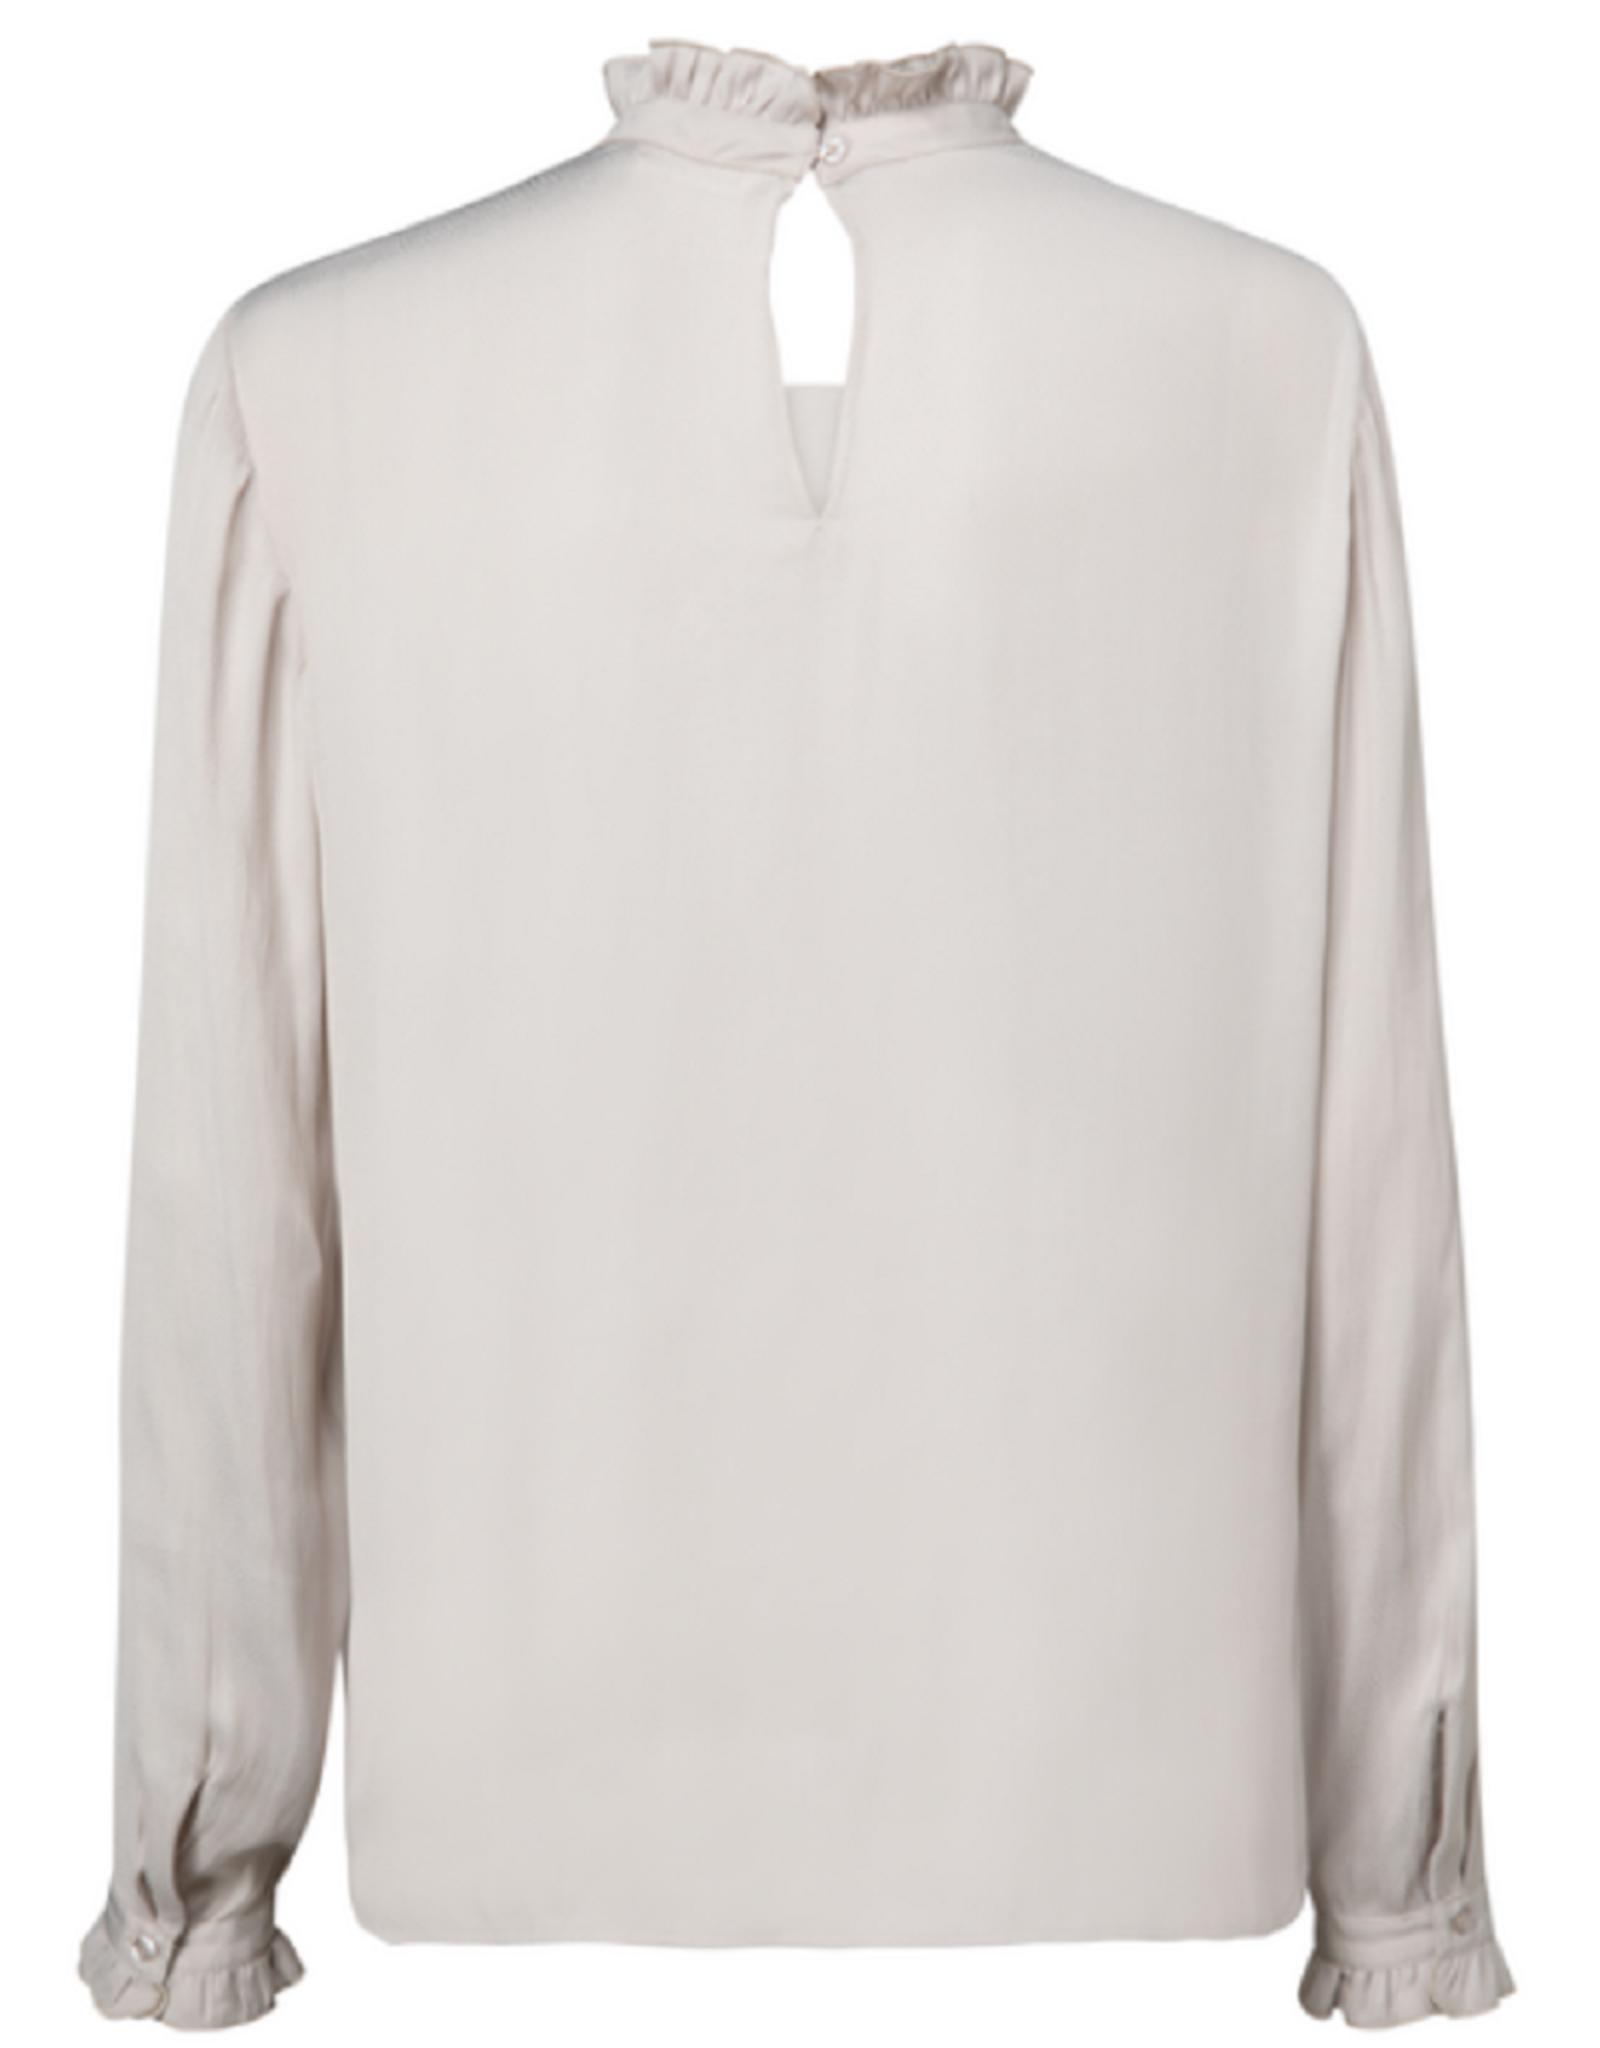 YAYA YAYA blouse ruffle neck grijs